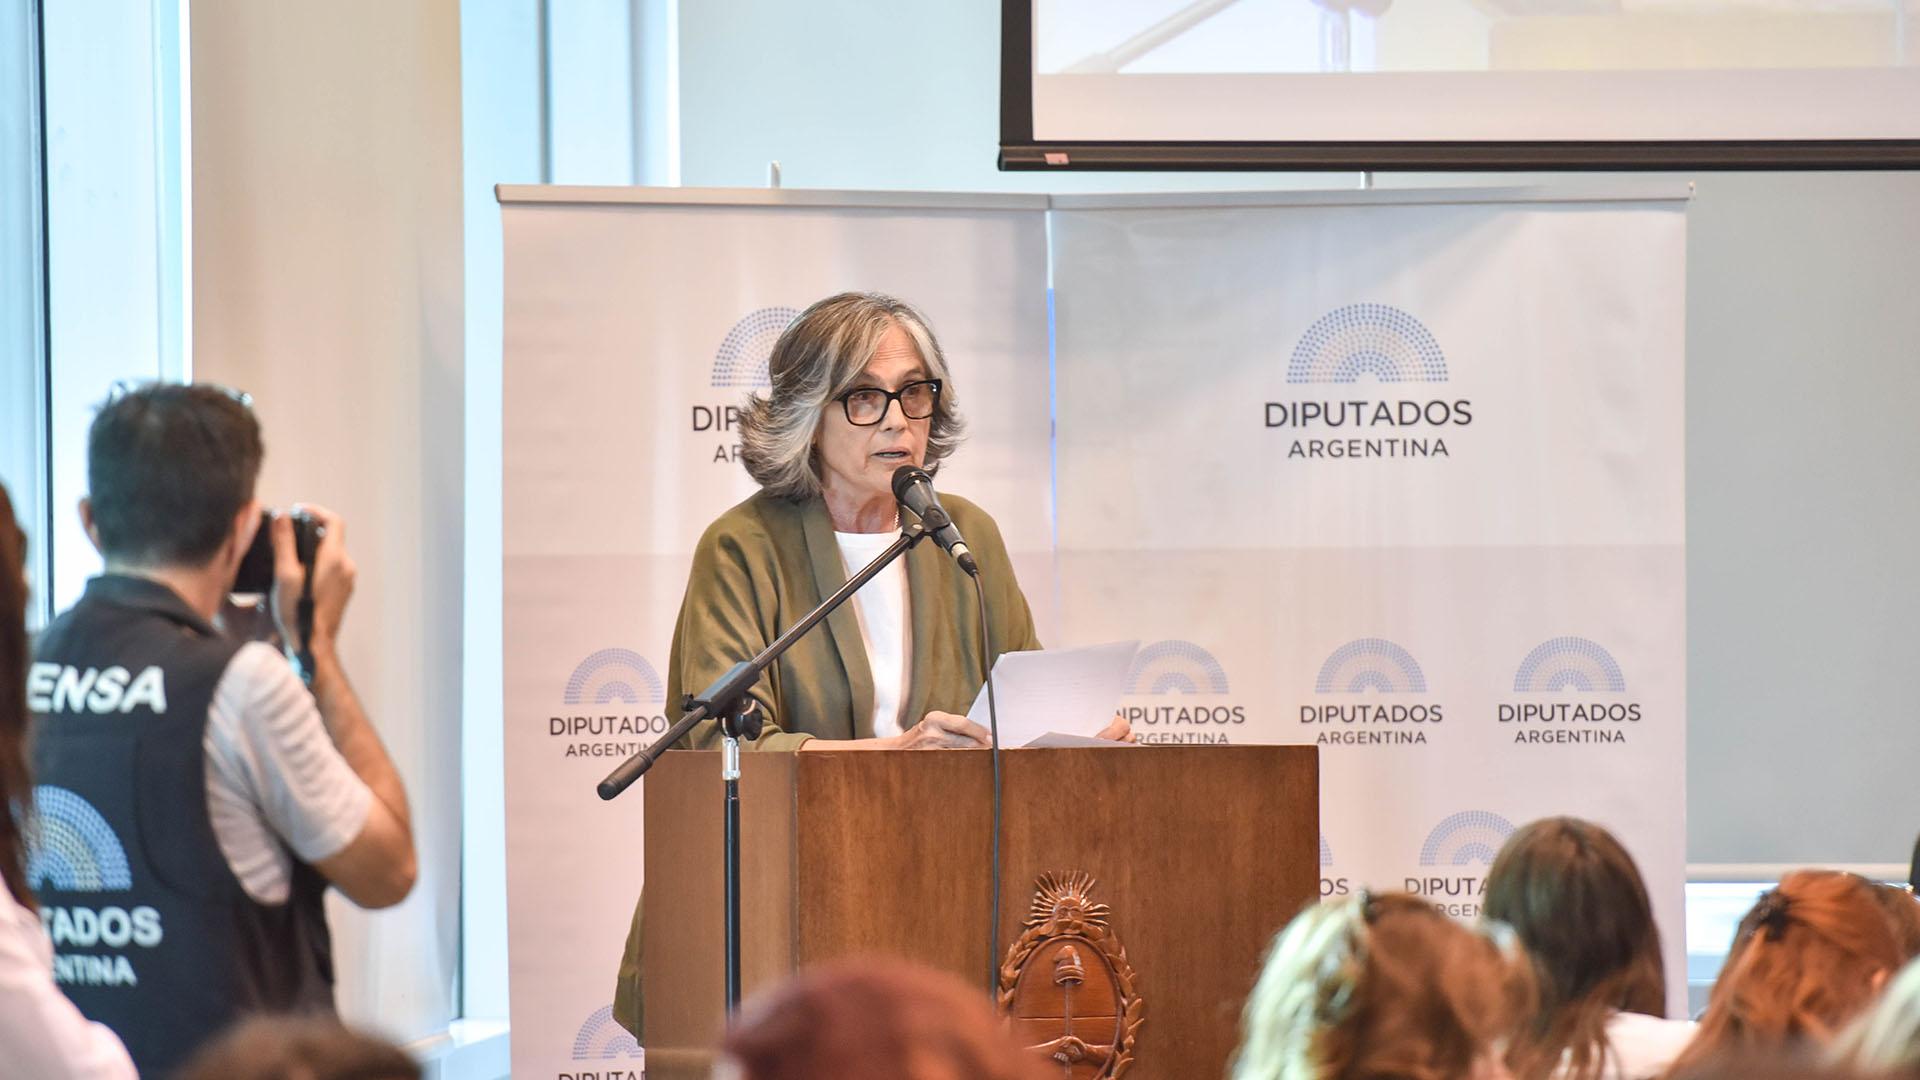 Cristina Miguens